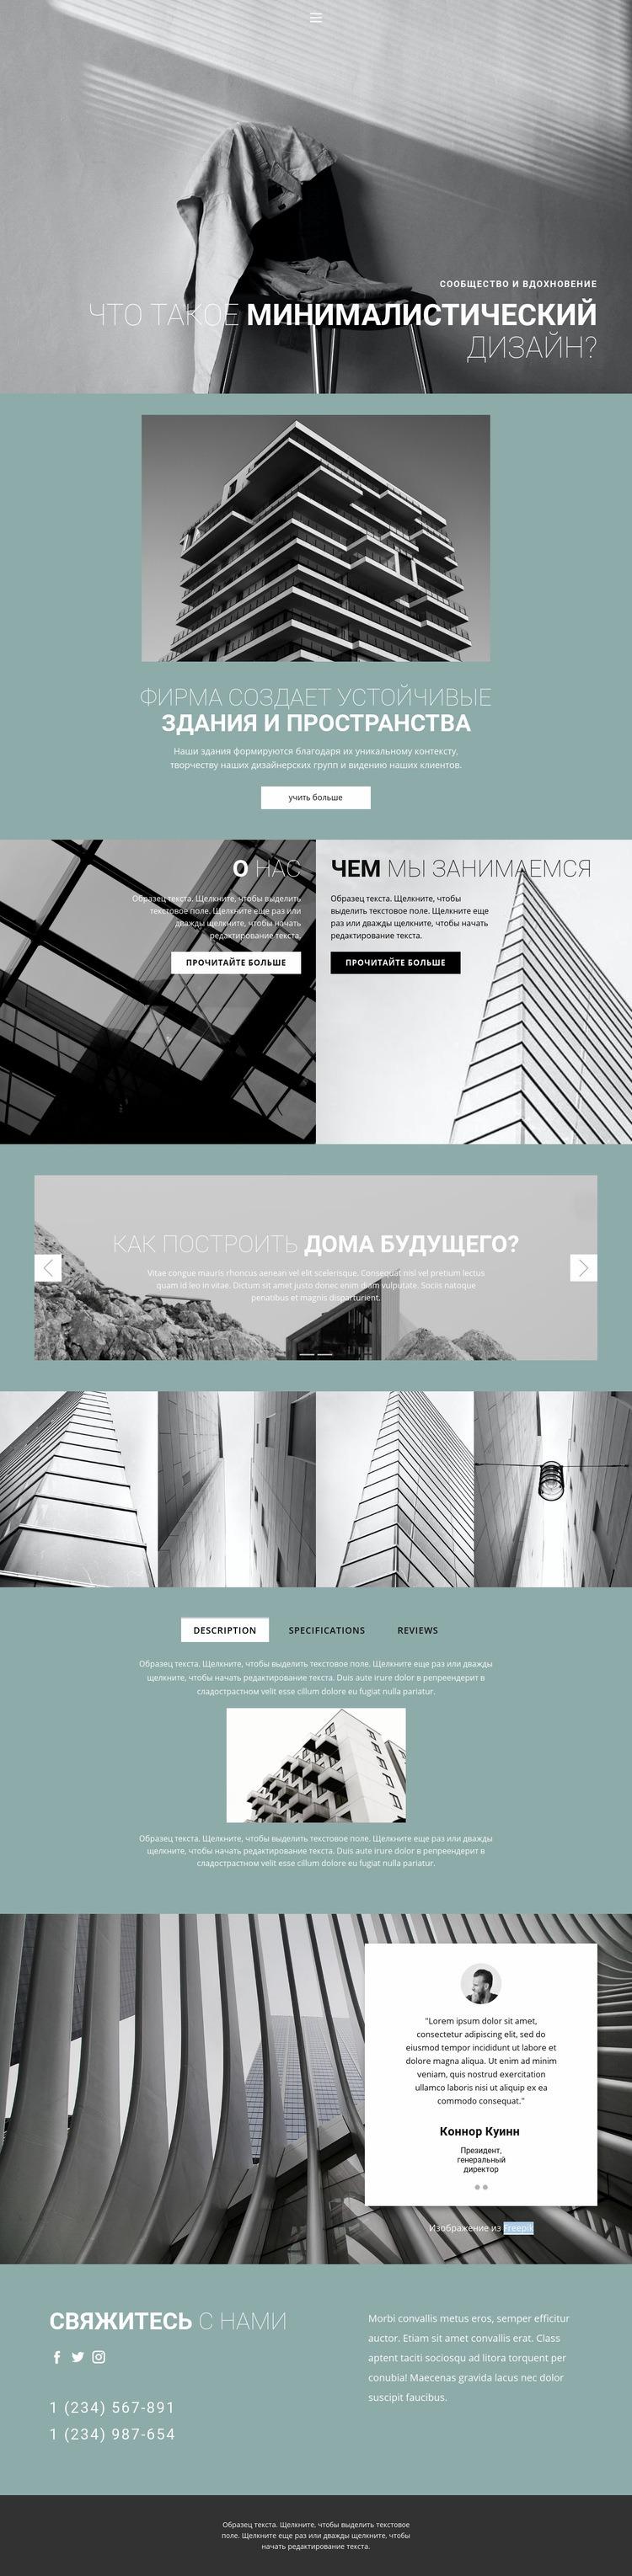 Идеи идеальной архитектуры Шаблон веб-сайта